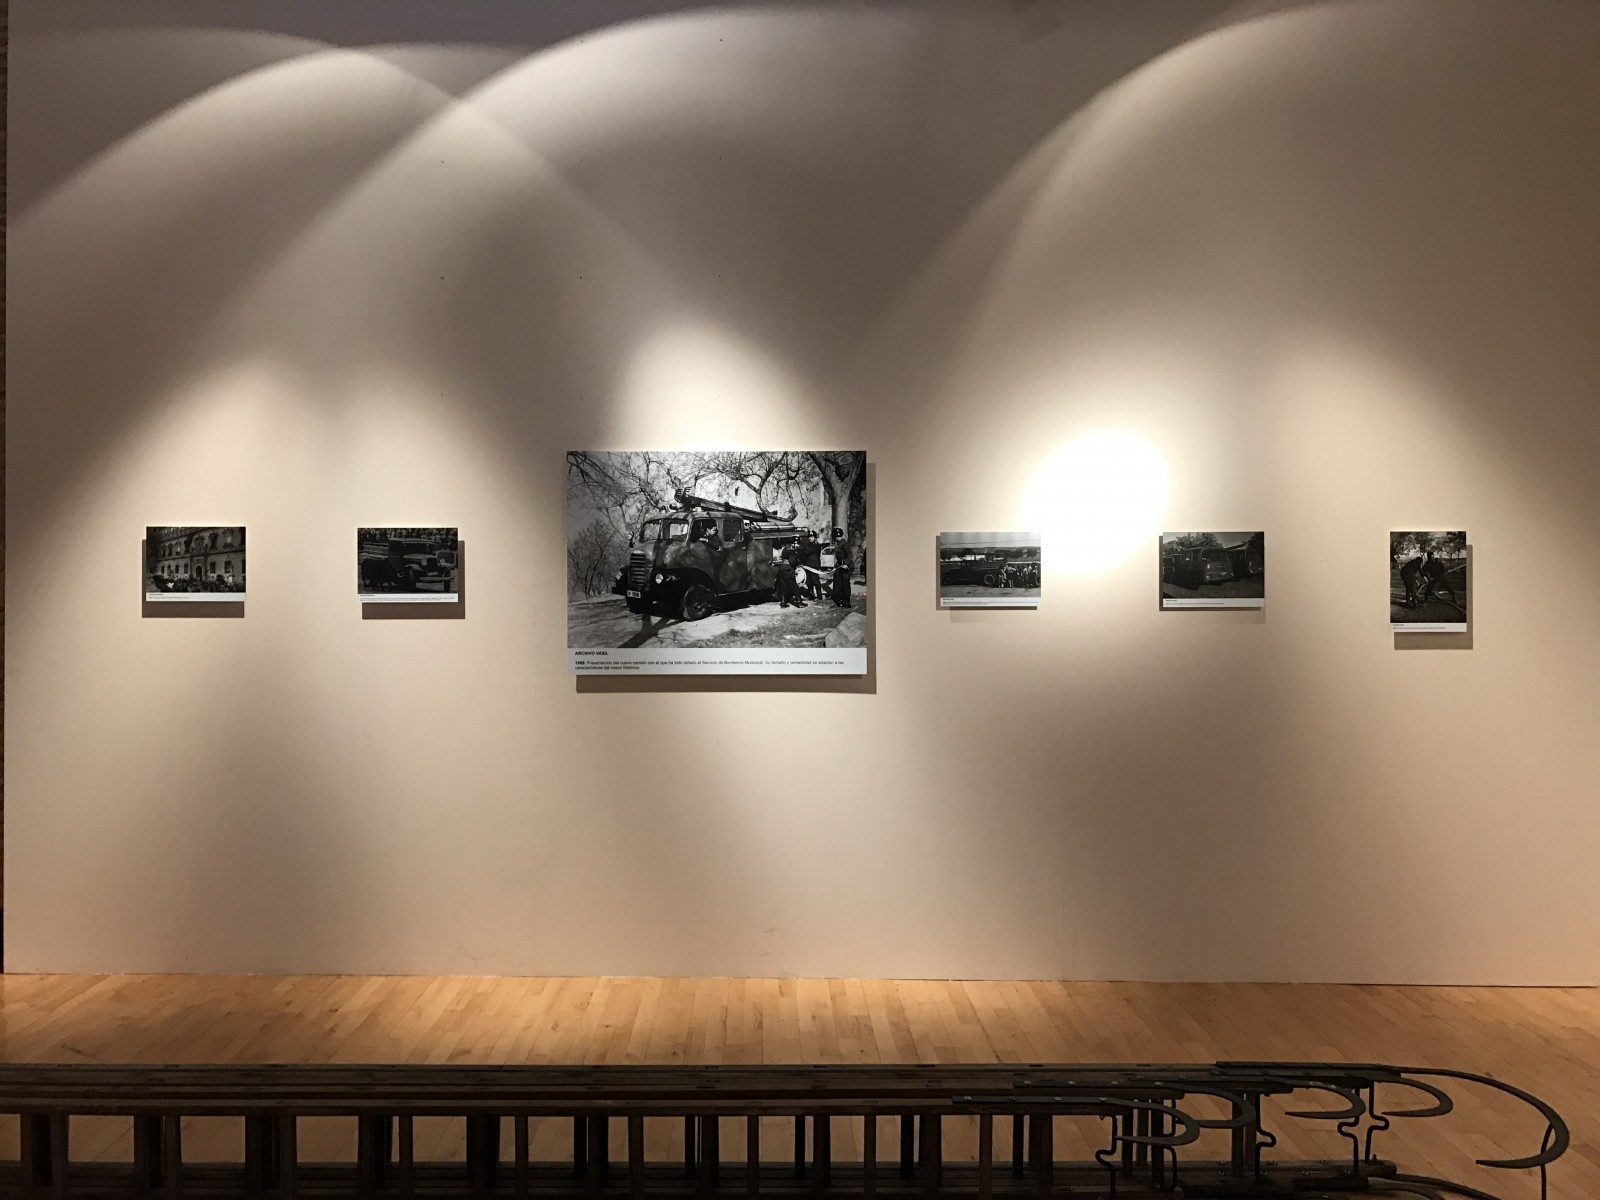 Montaje exposición 153 años Bomberos de Toledo30 años Pablo Carrasco (38)